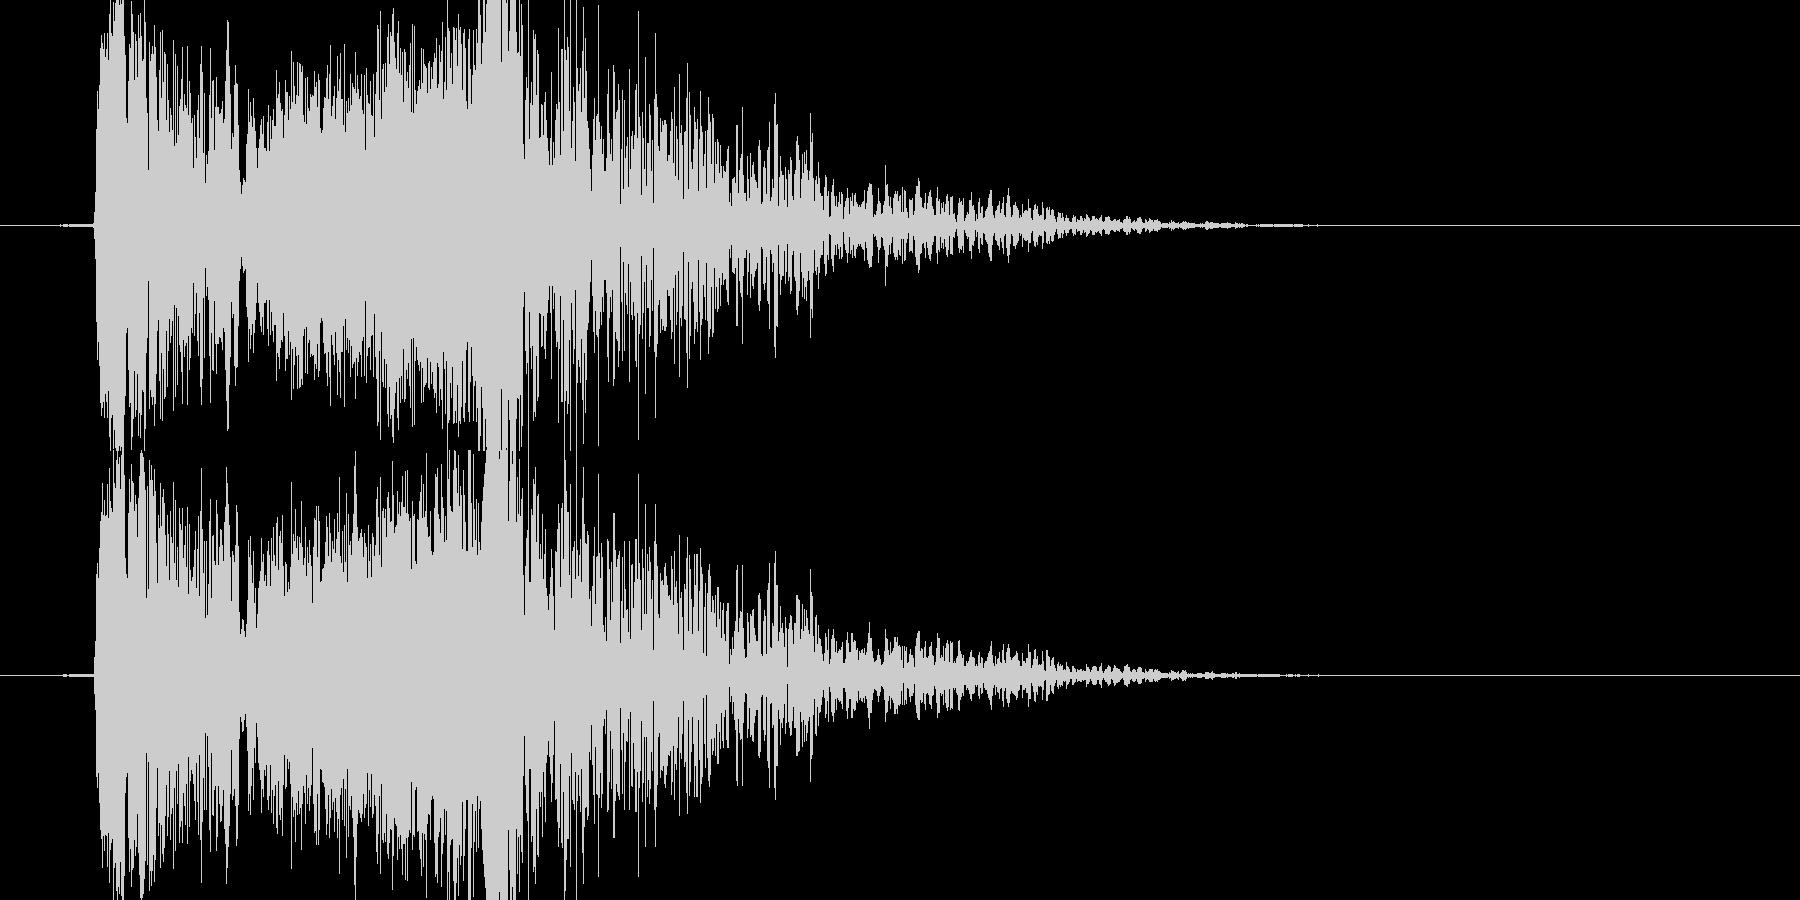 異空間に吸い込まれるような音の未再生の波形